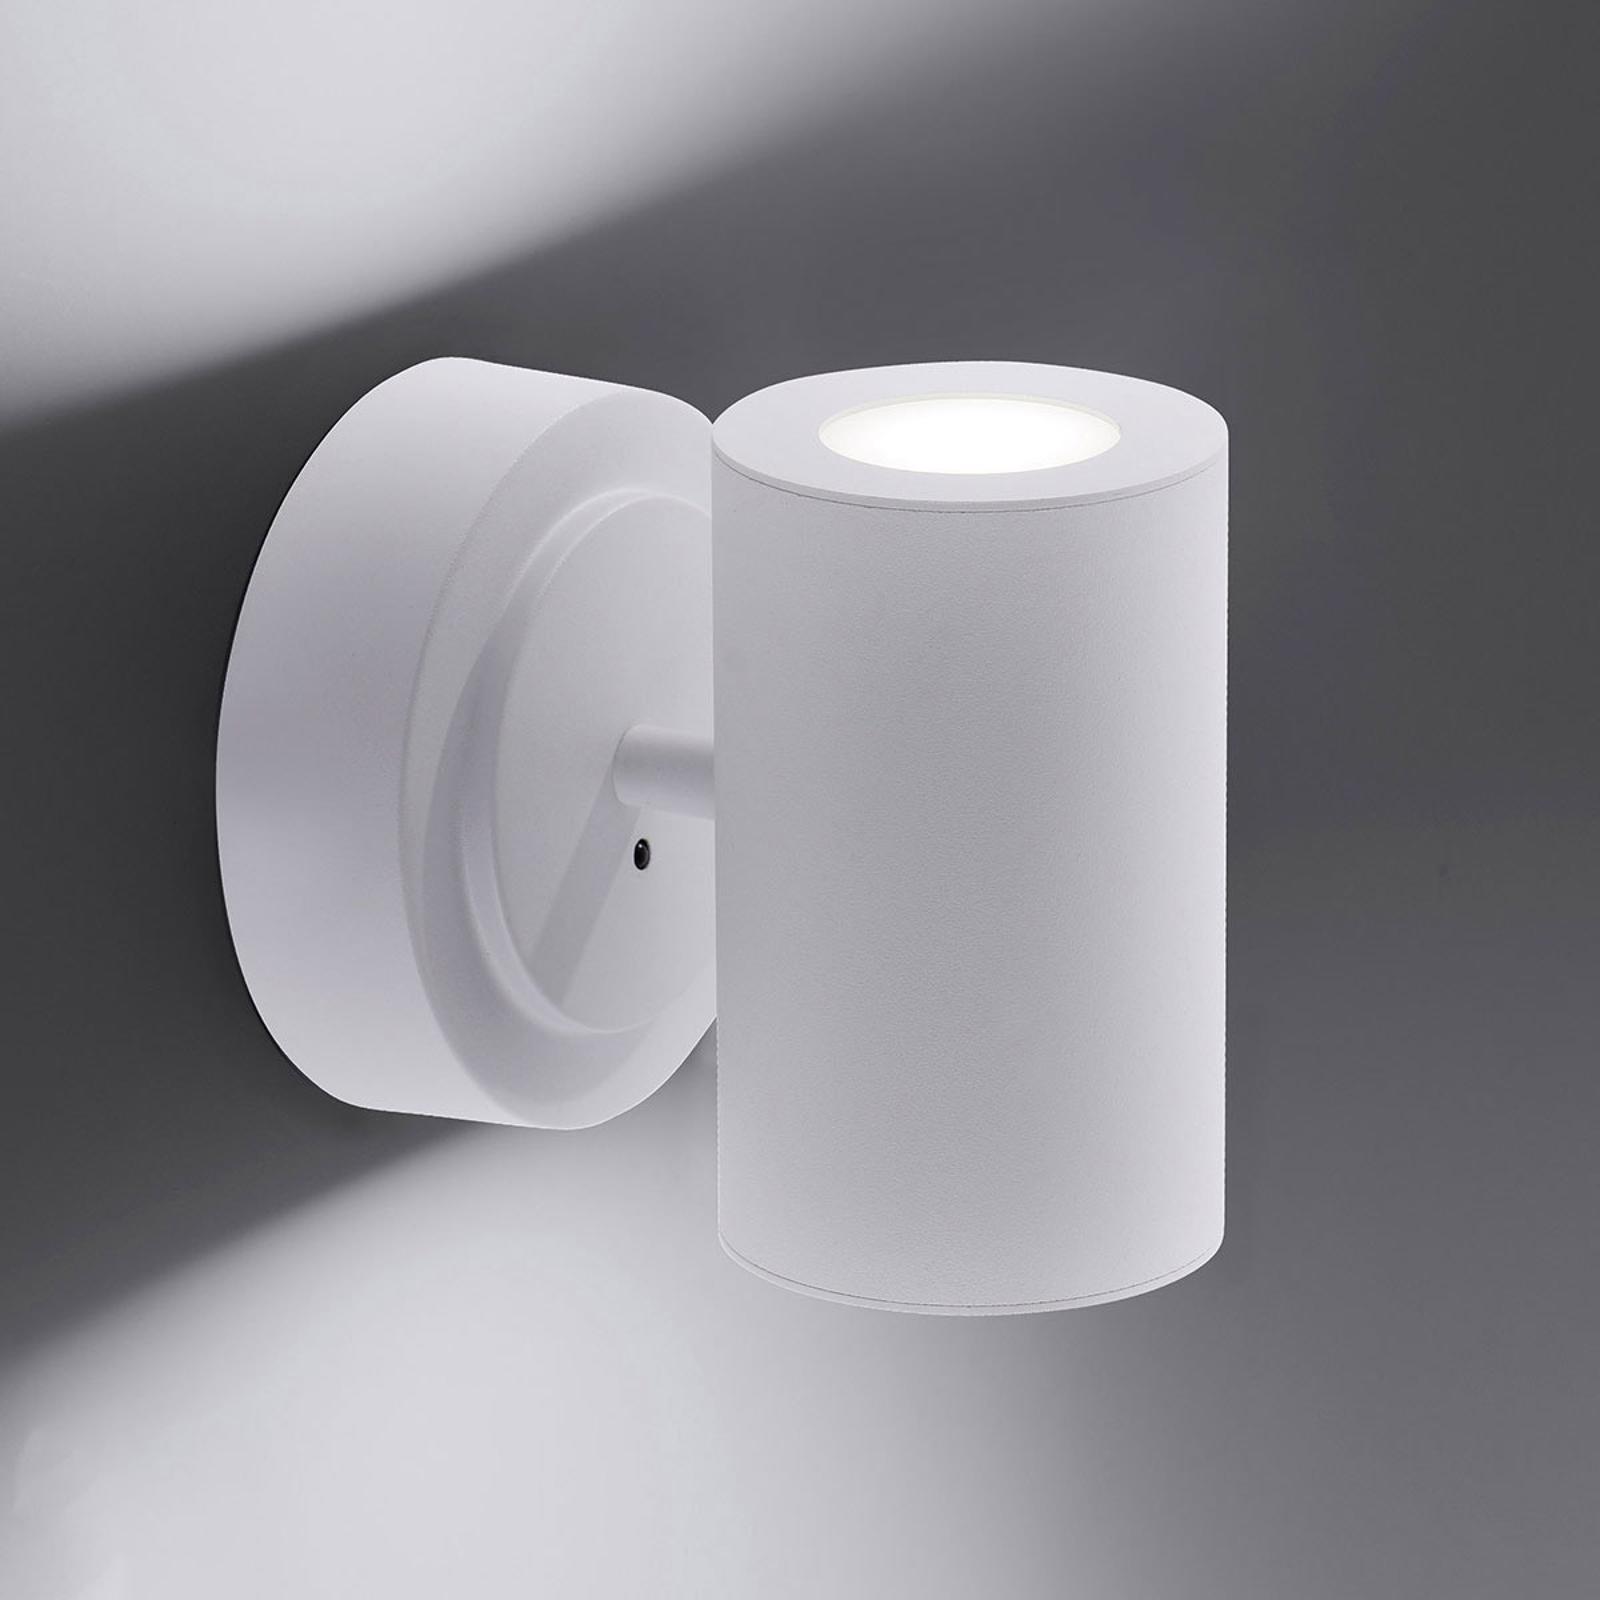 Trio WiZ Sancho kinkiet LED biały matowy